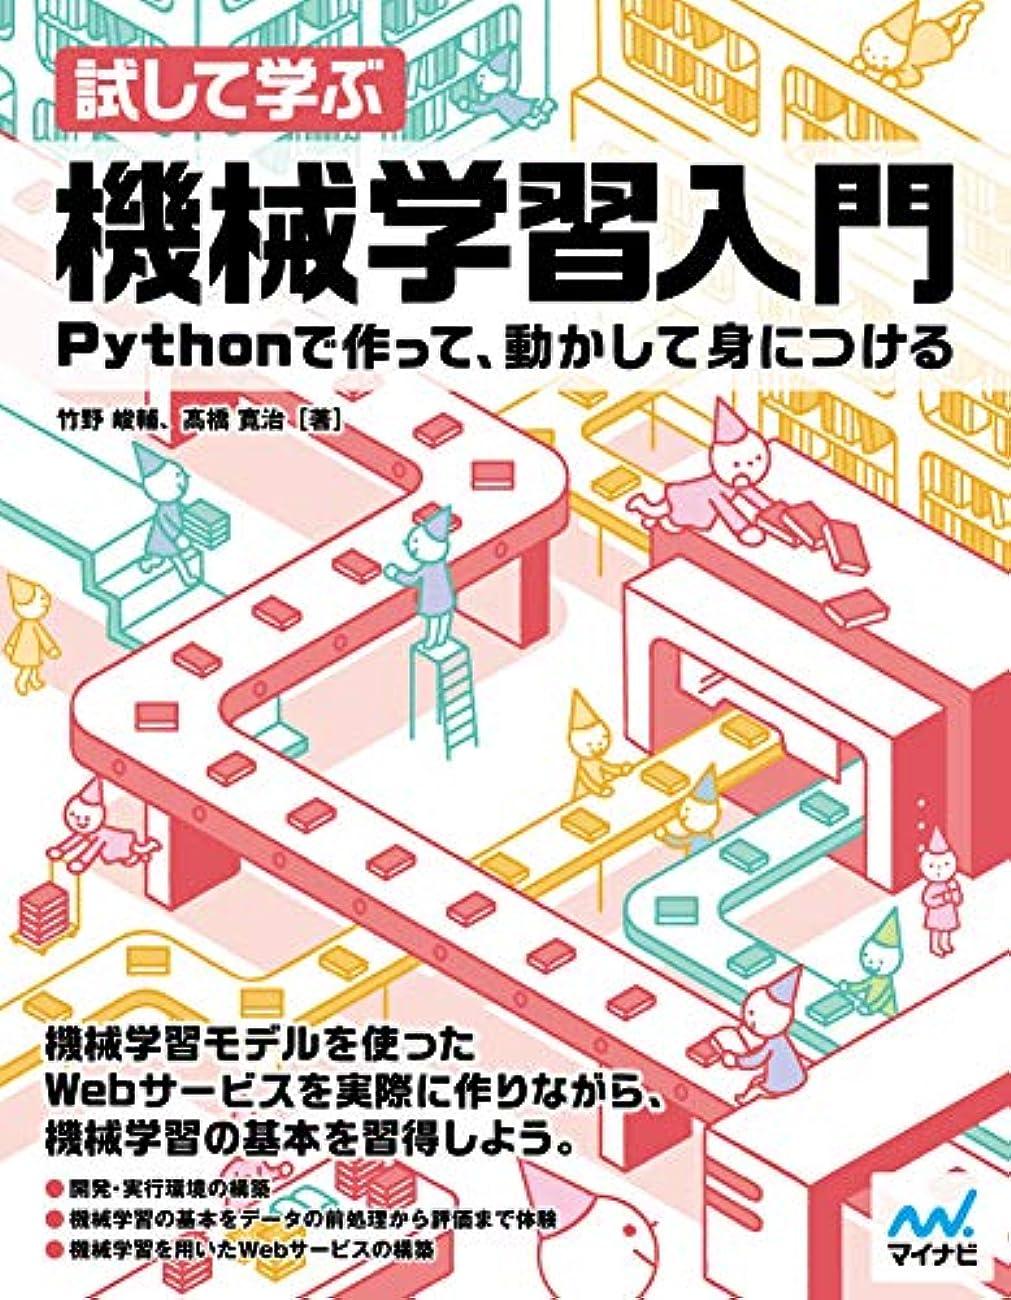 種コンパイル望まない試して学ぶ 機械学習入門 ~Pythonで作って、動かして身につける~